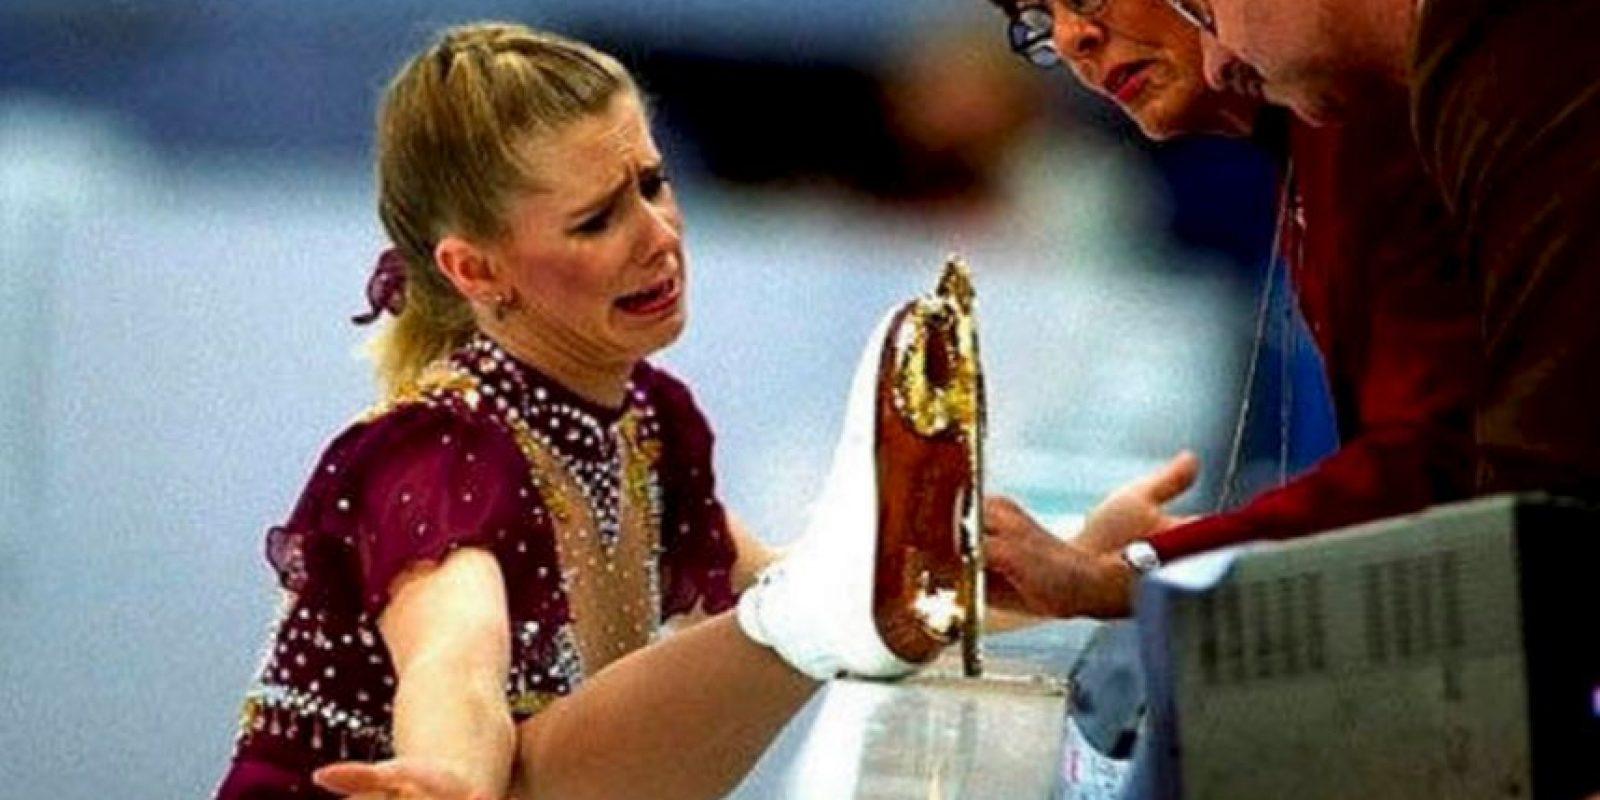 Foto:Tonya Harding. Una patinadora artística de Estados Unidos que después pasó al boxeo. Pero también comercializó una cinta casera